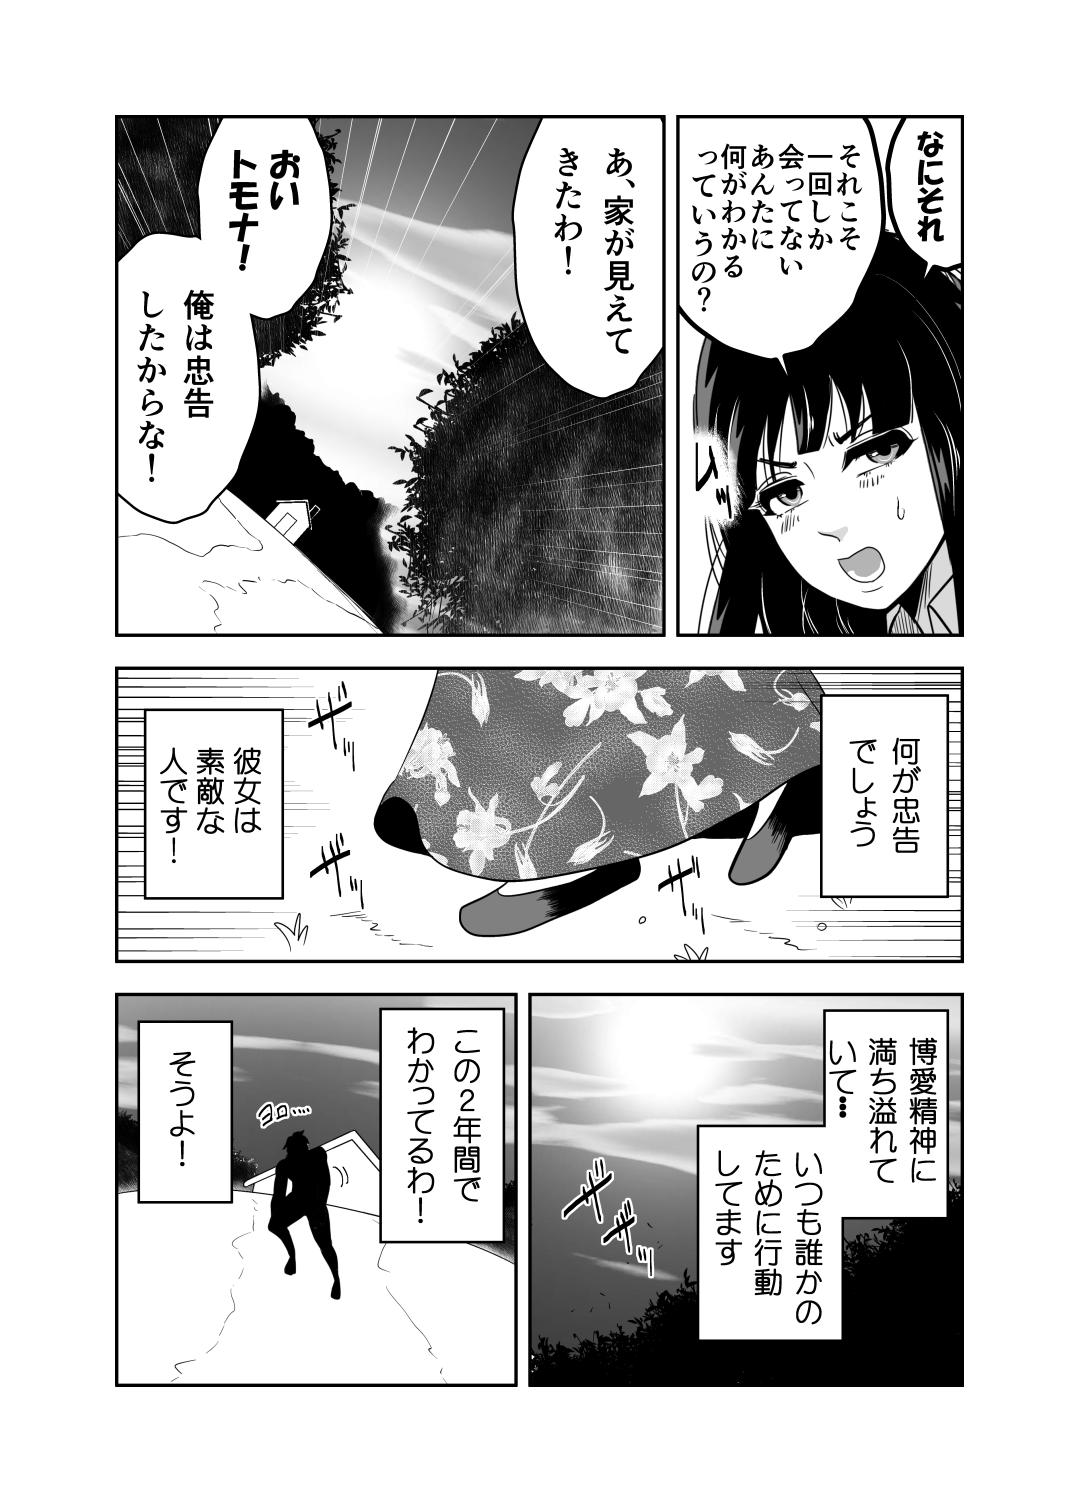 ヤサグレ魔女2話0080